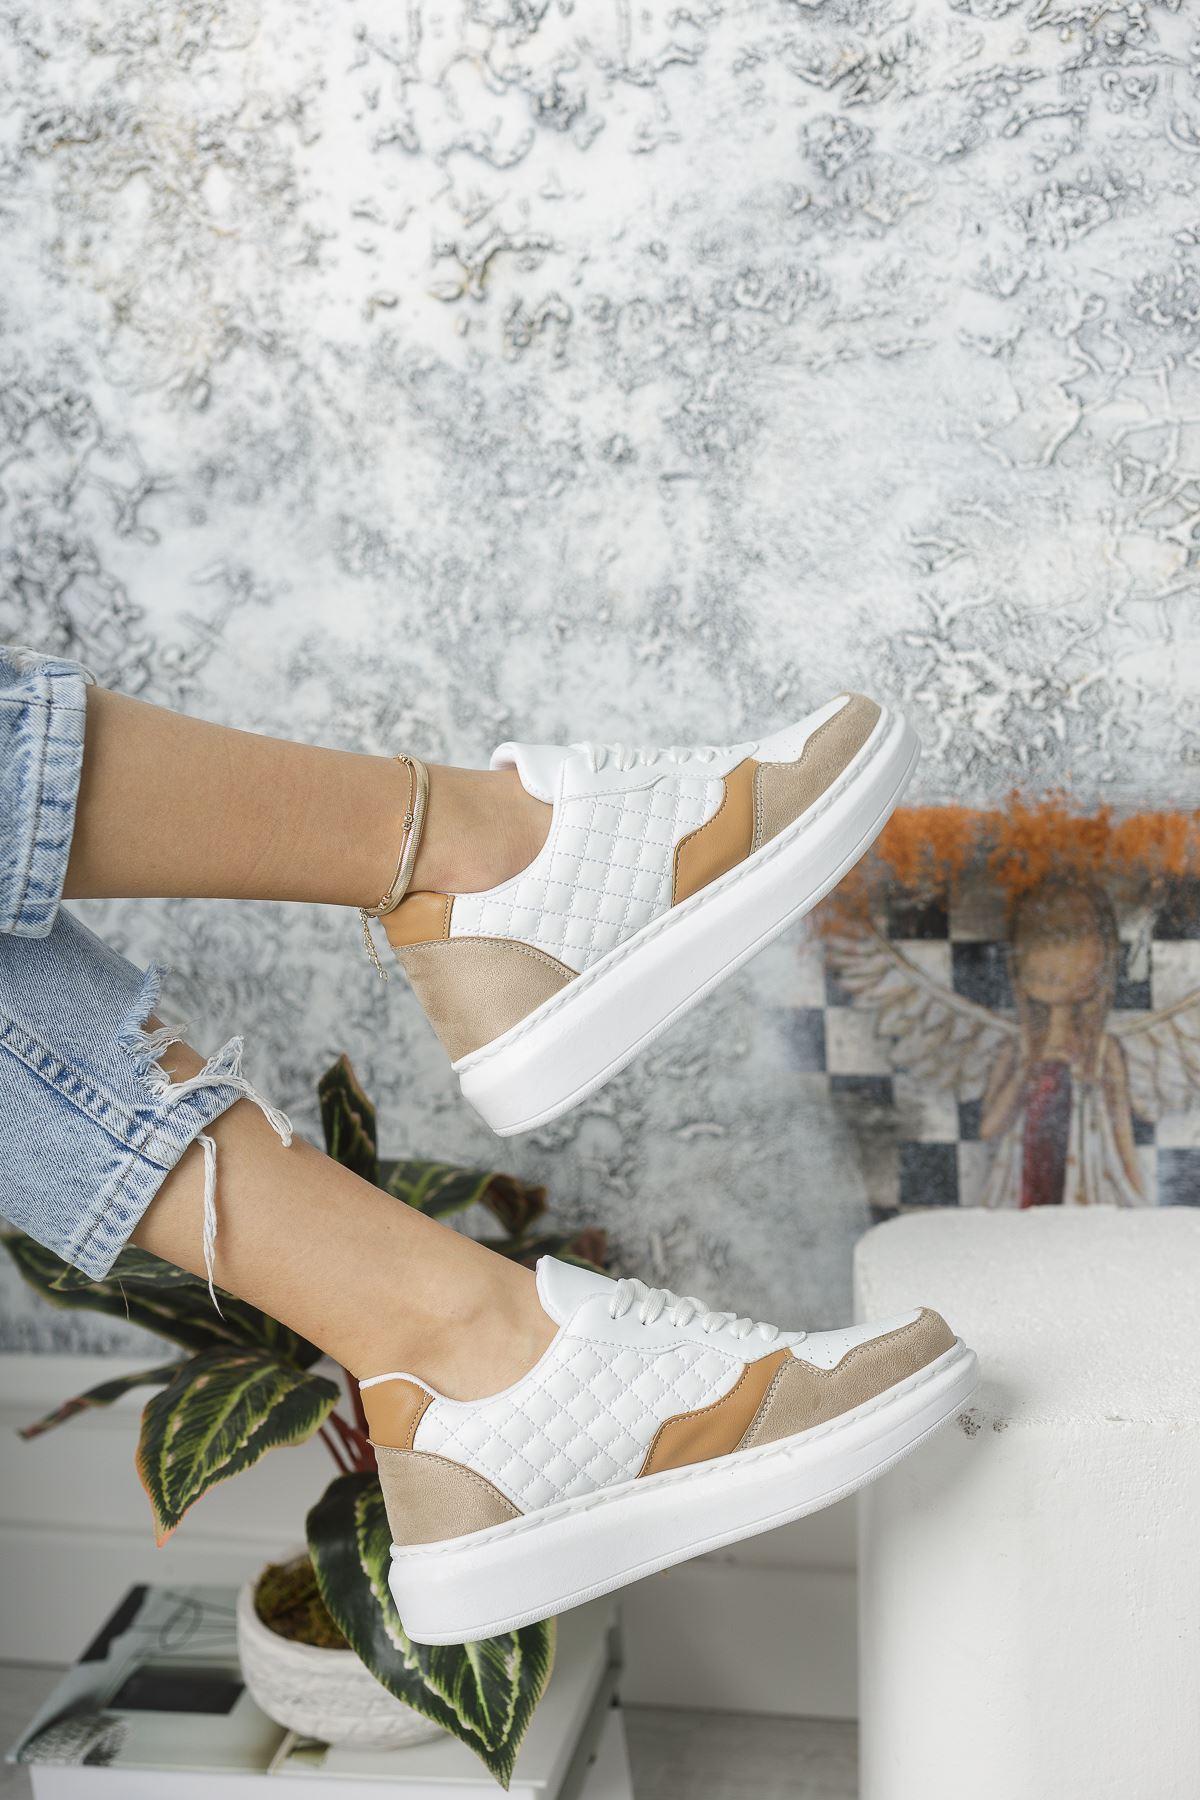 Danila Beyaz Kapitone Bej-Taba Süet Bağcıklı Kadın Spor Ayakkabı